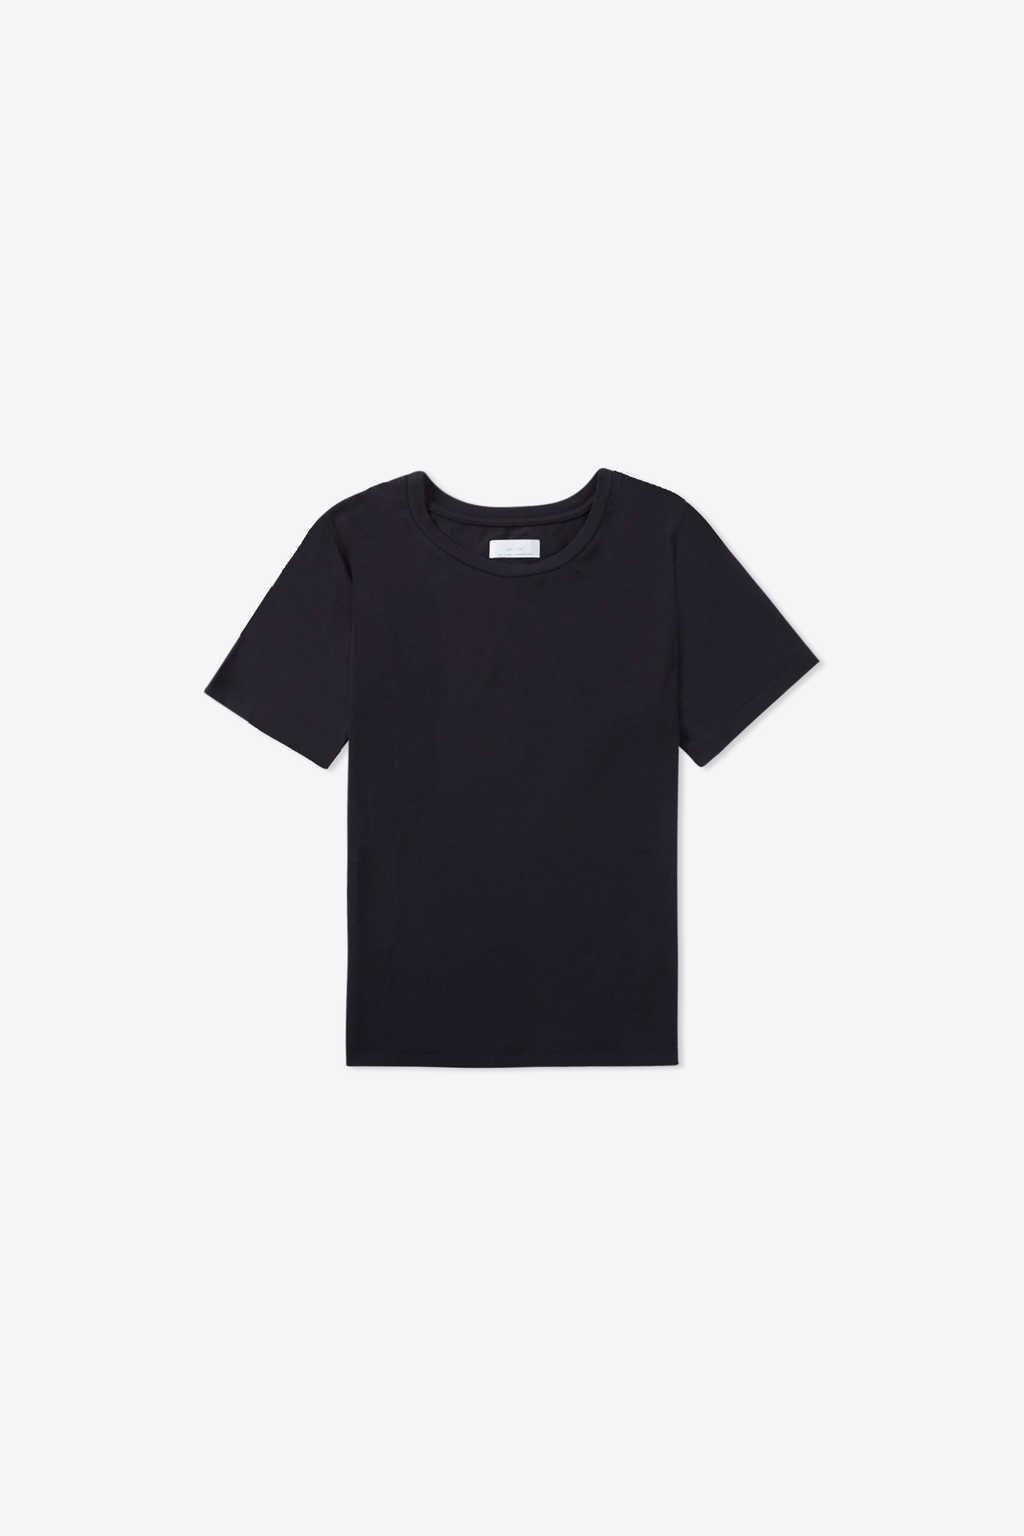 TShirt 2983 Black 20